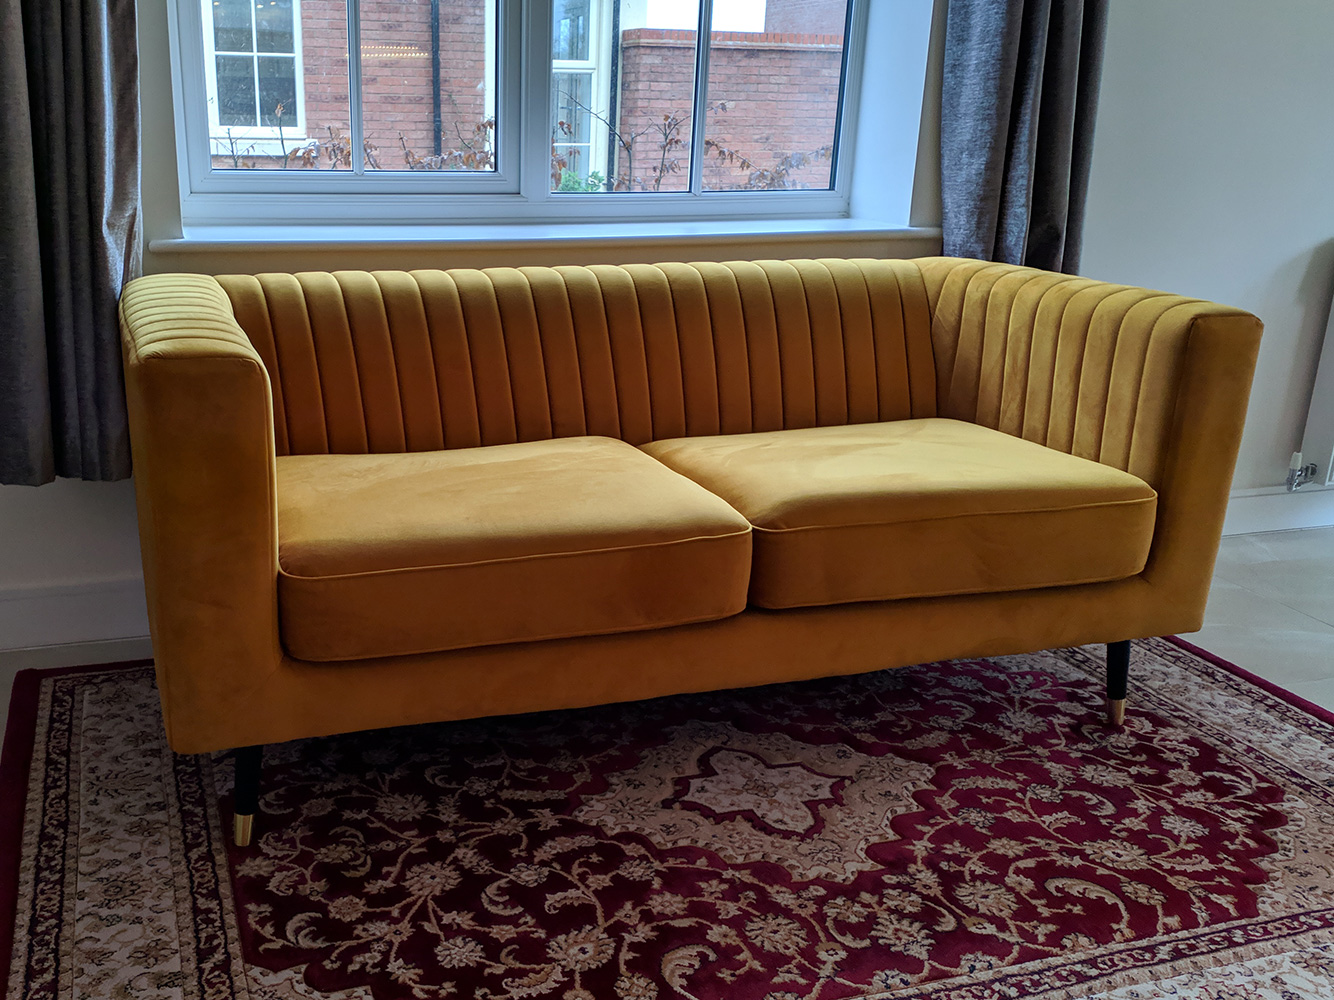 Zweisitzer-Sofa Slender in Senffarbe